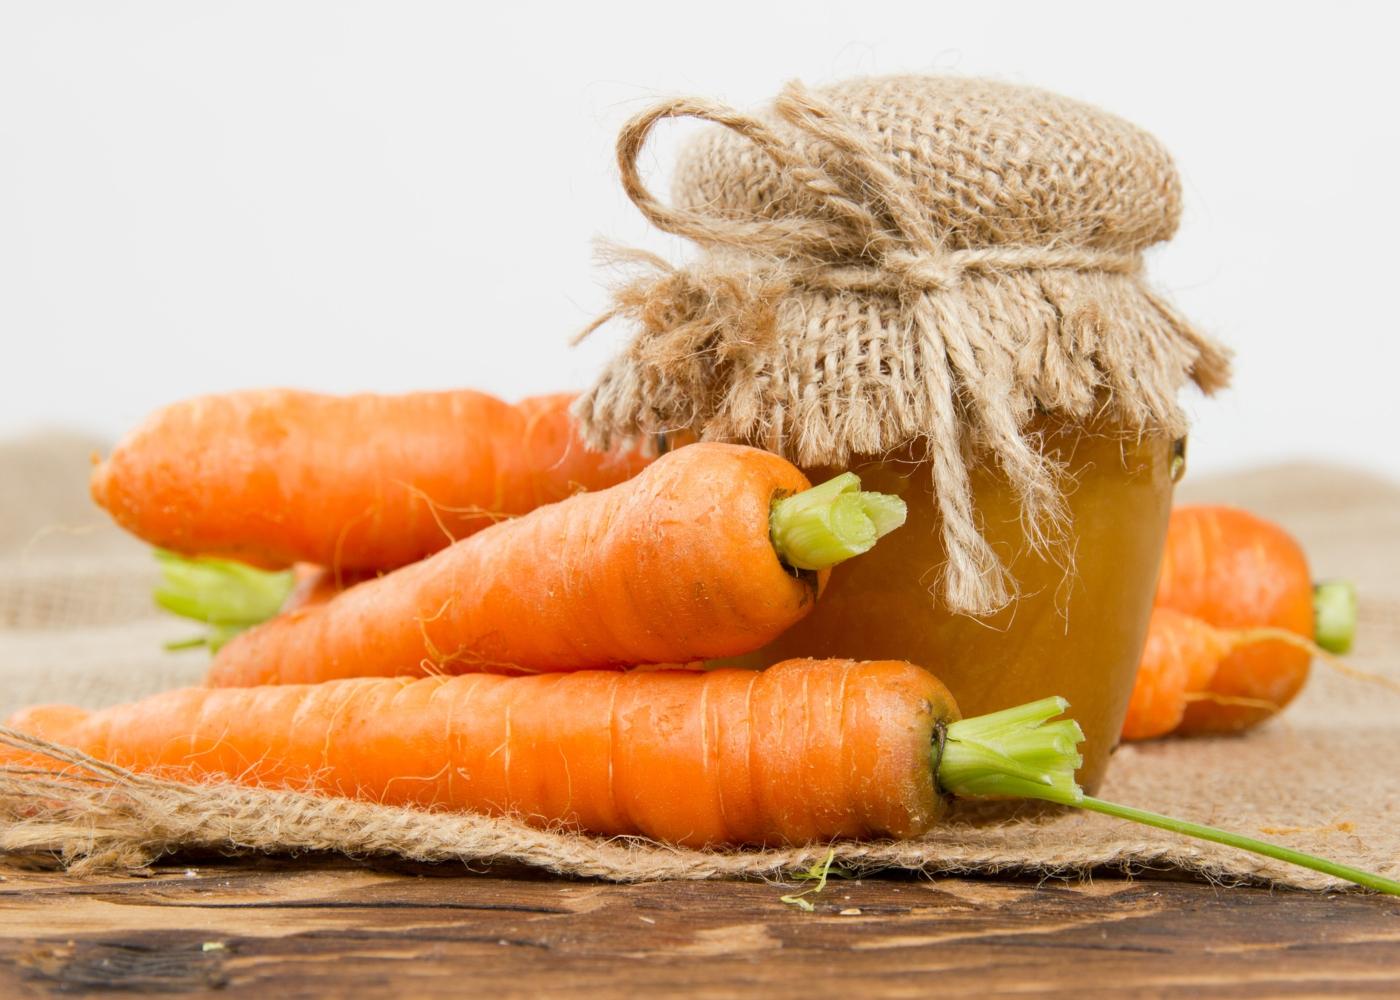 Frasco com compota de cenoura e abóbora